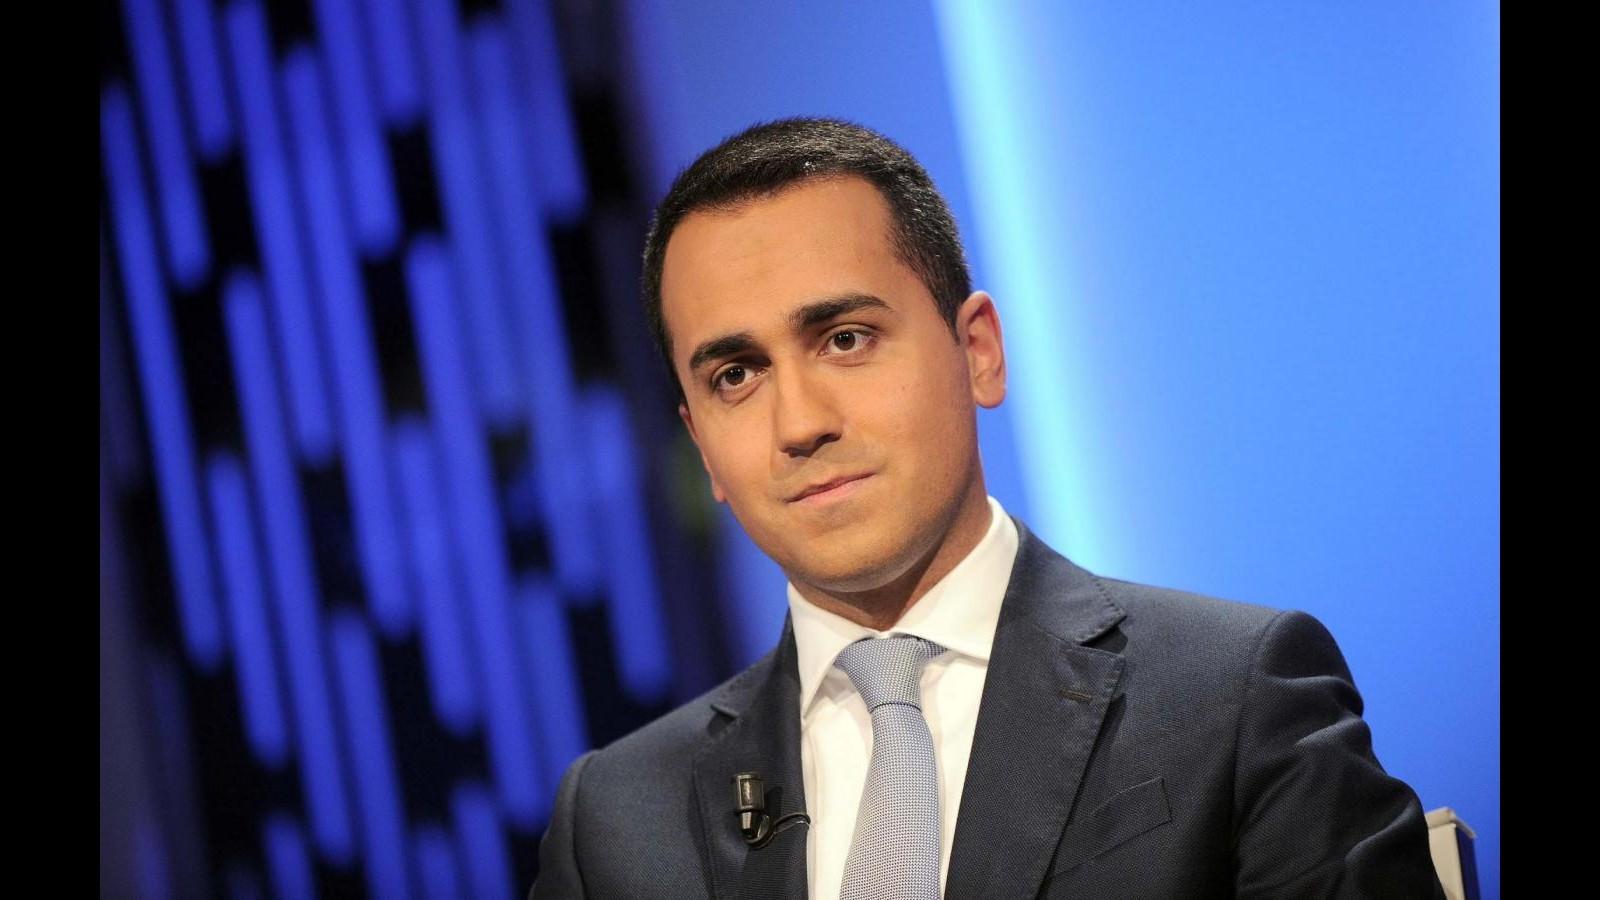 Di Maio: Il nemico non è il migrante ma il business sull'immigrazione